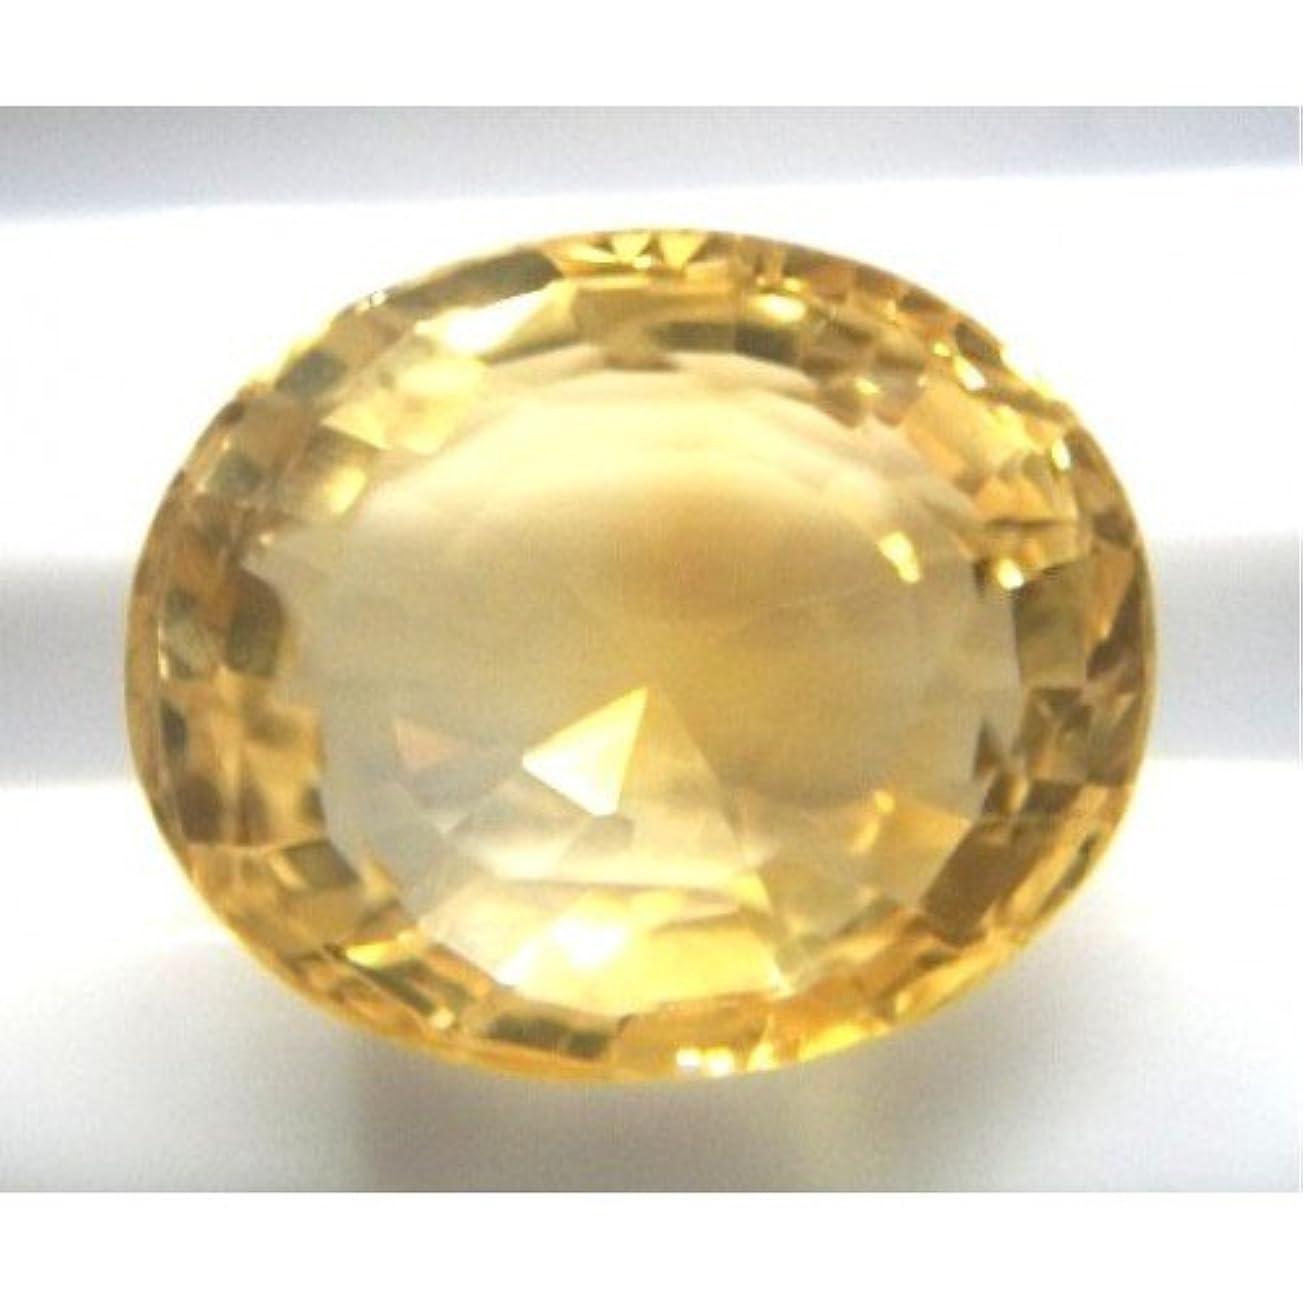 レプリカストロークギャラントリーsunela石元Certified Natural Citrine Gemstone 13.9 Carat By gemselect